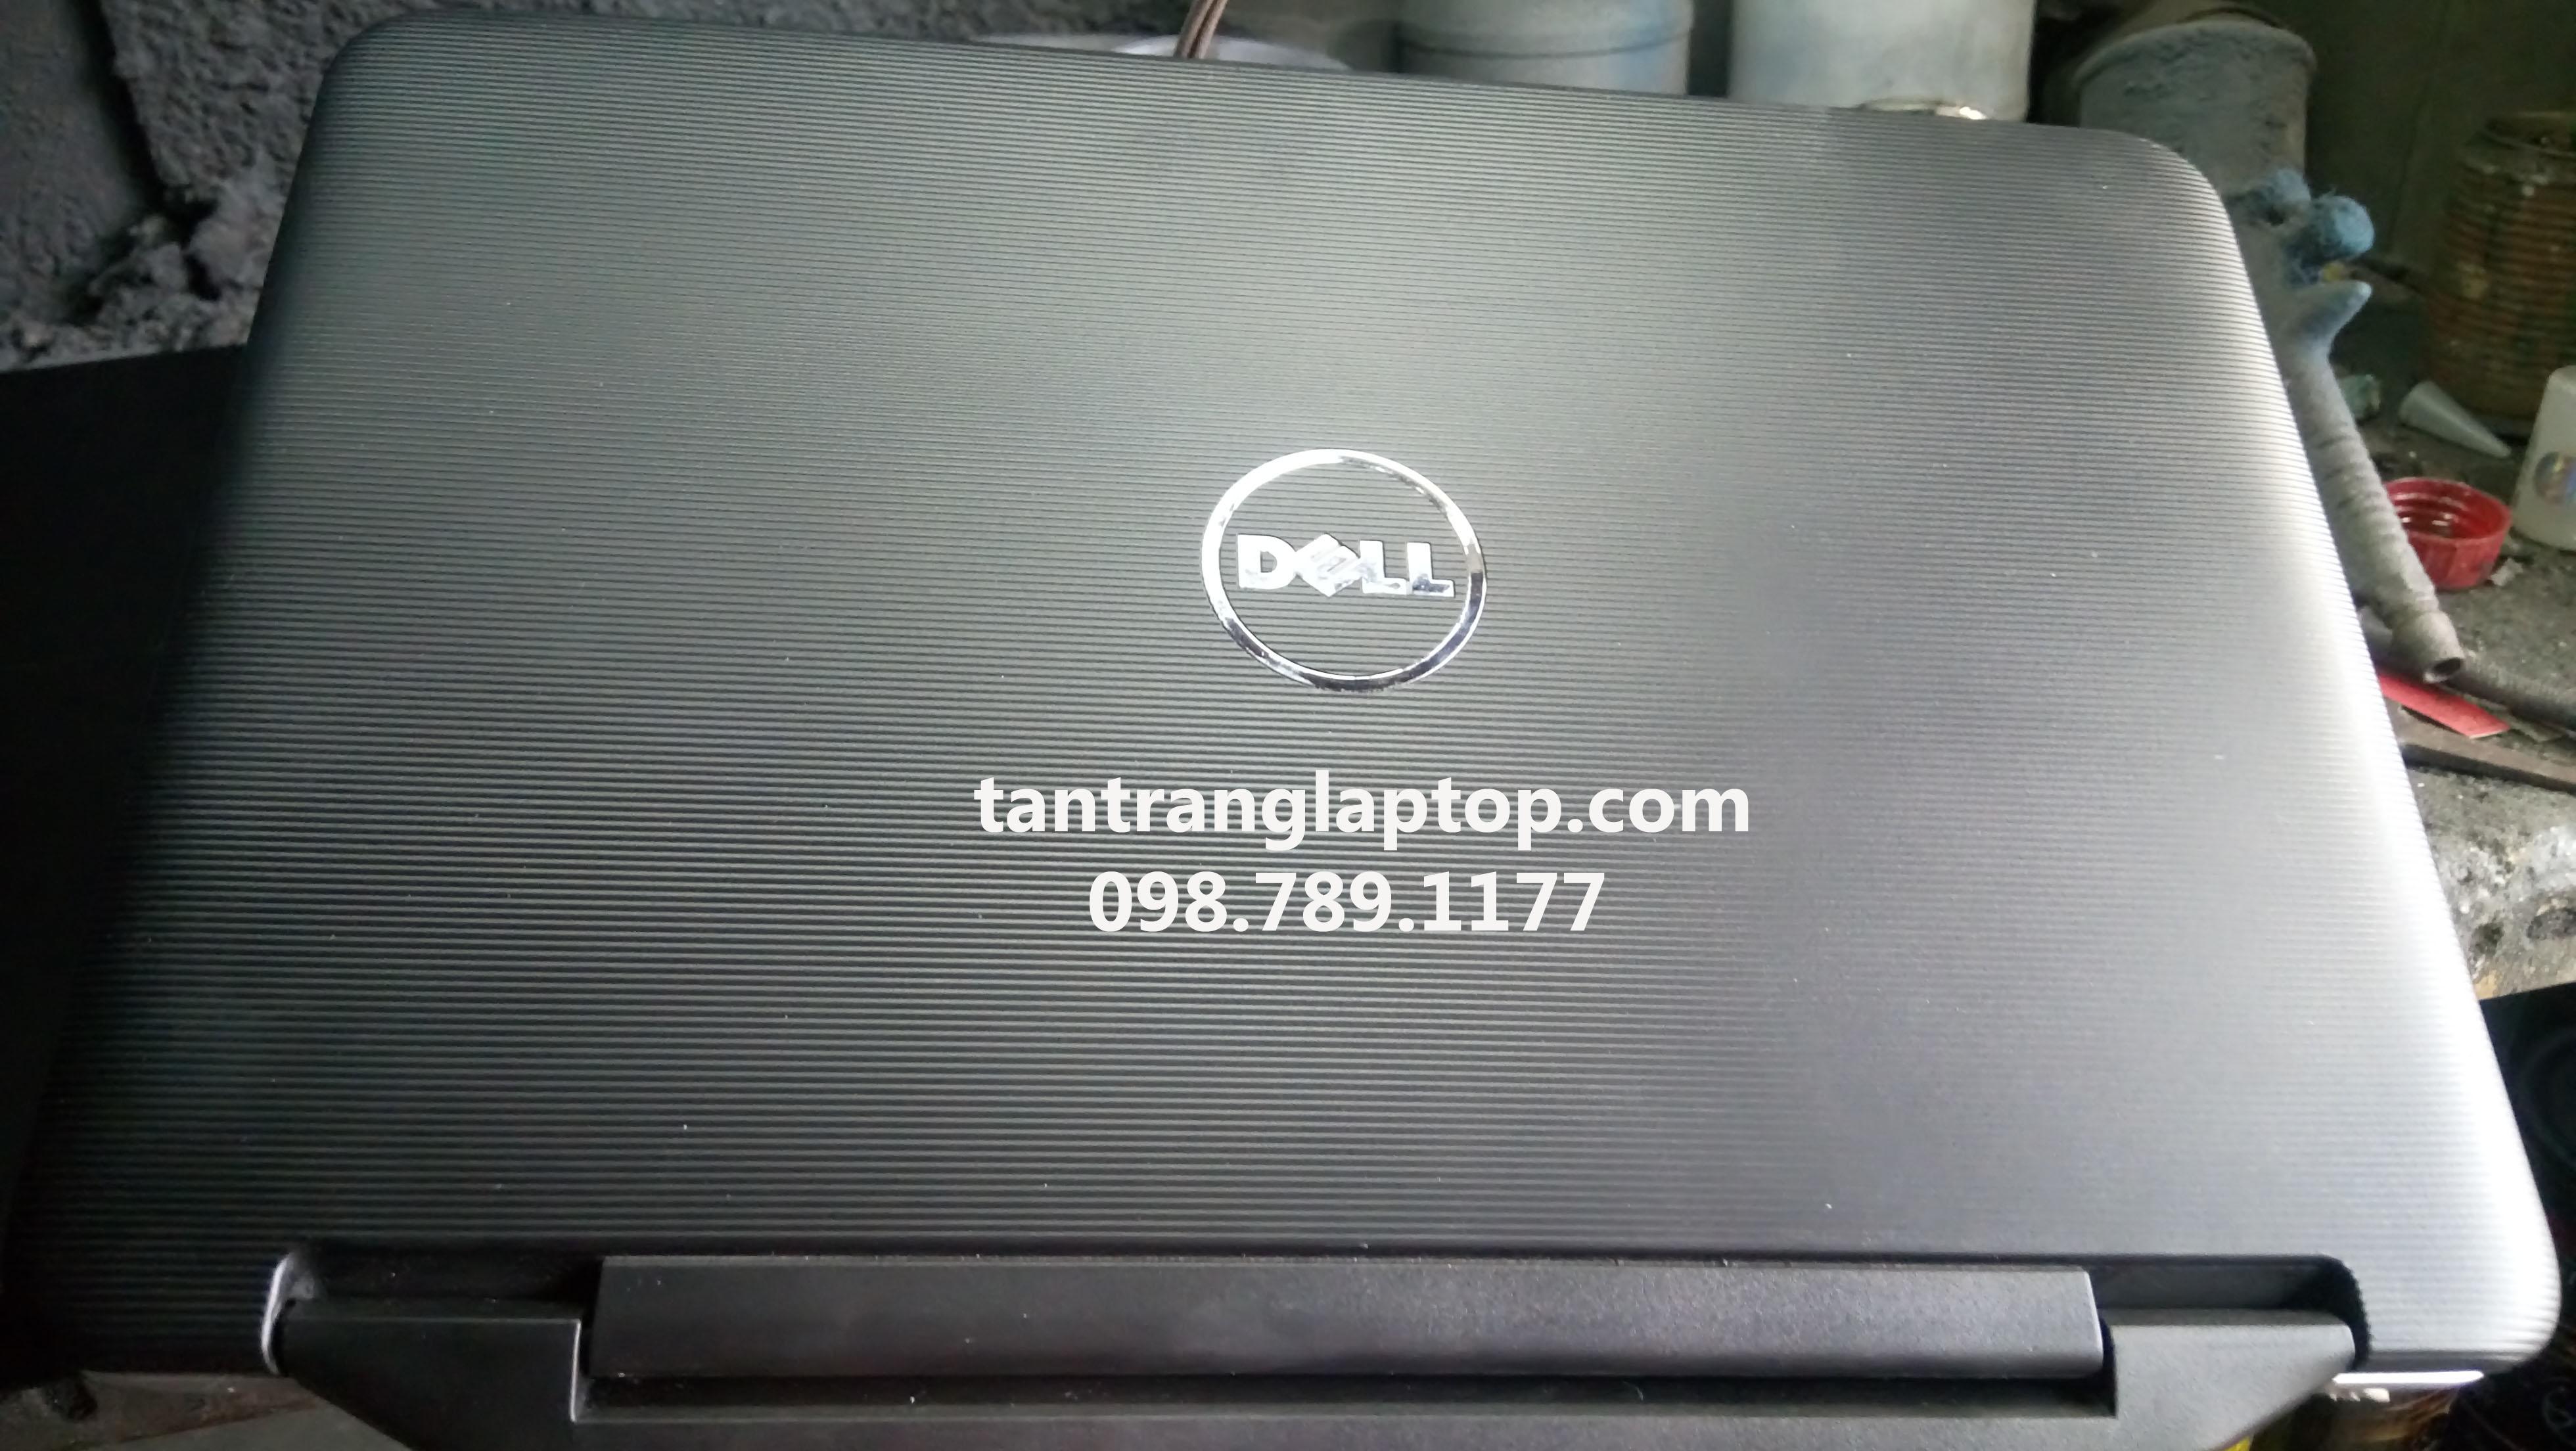 cách sơn laptop dell 1450